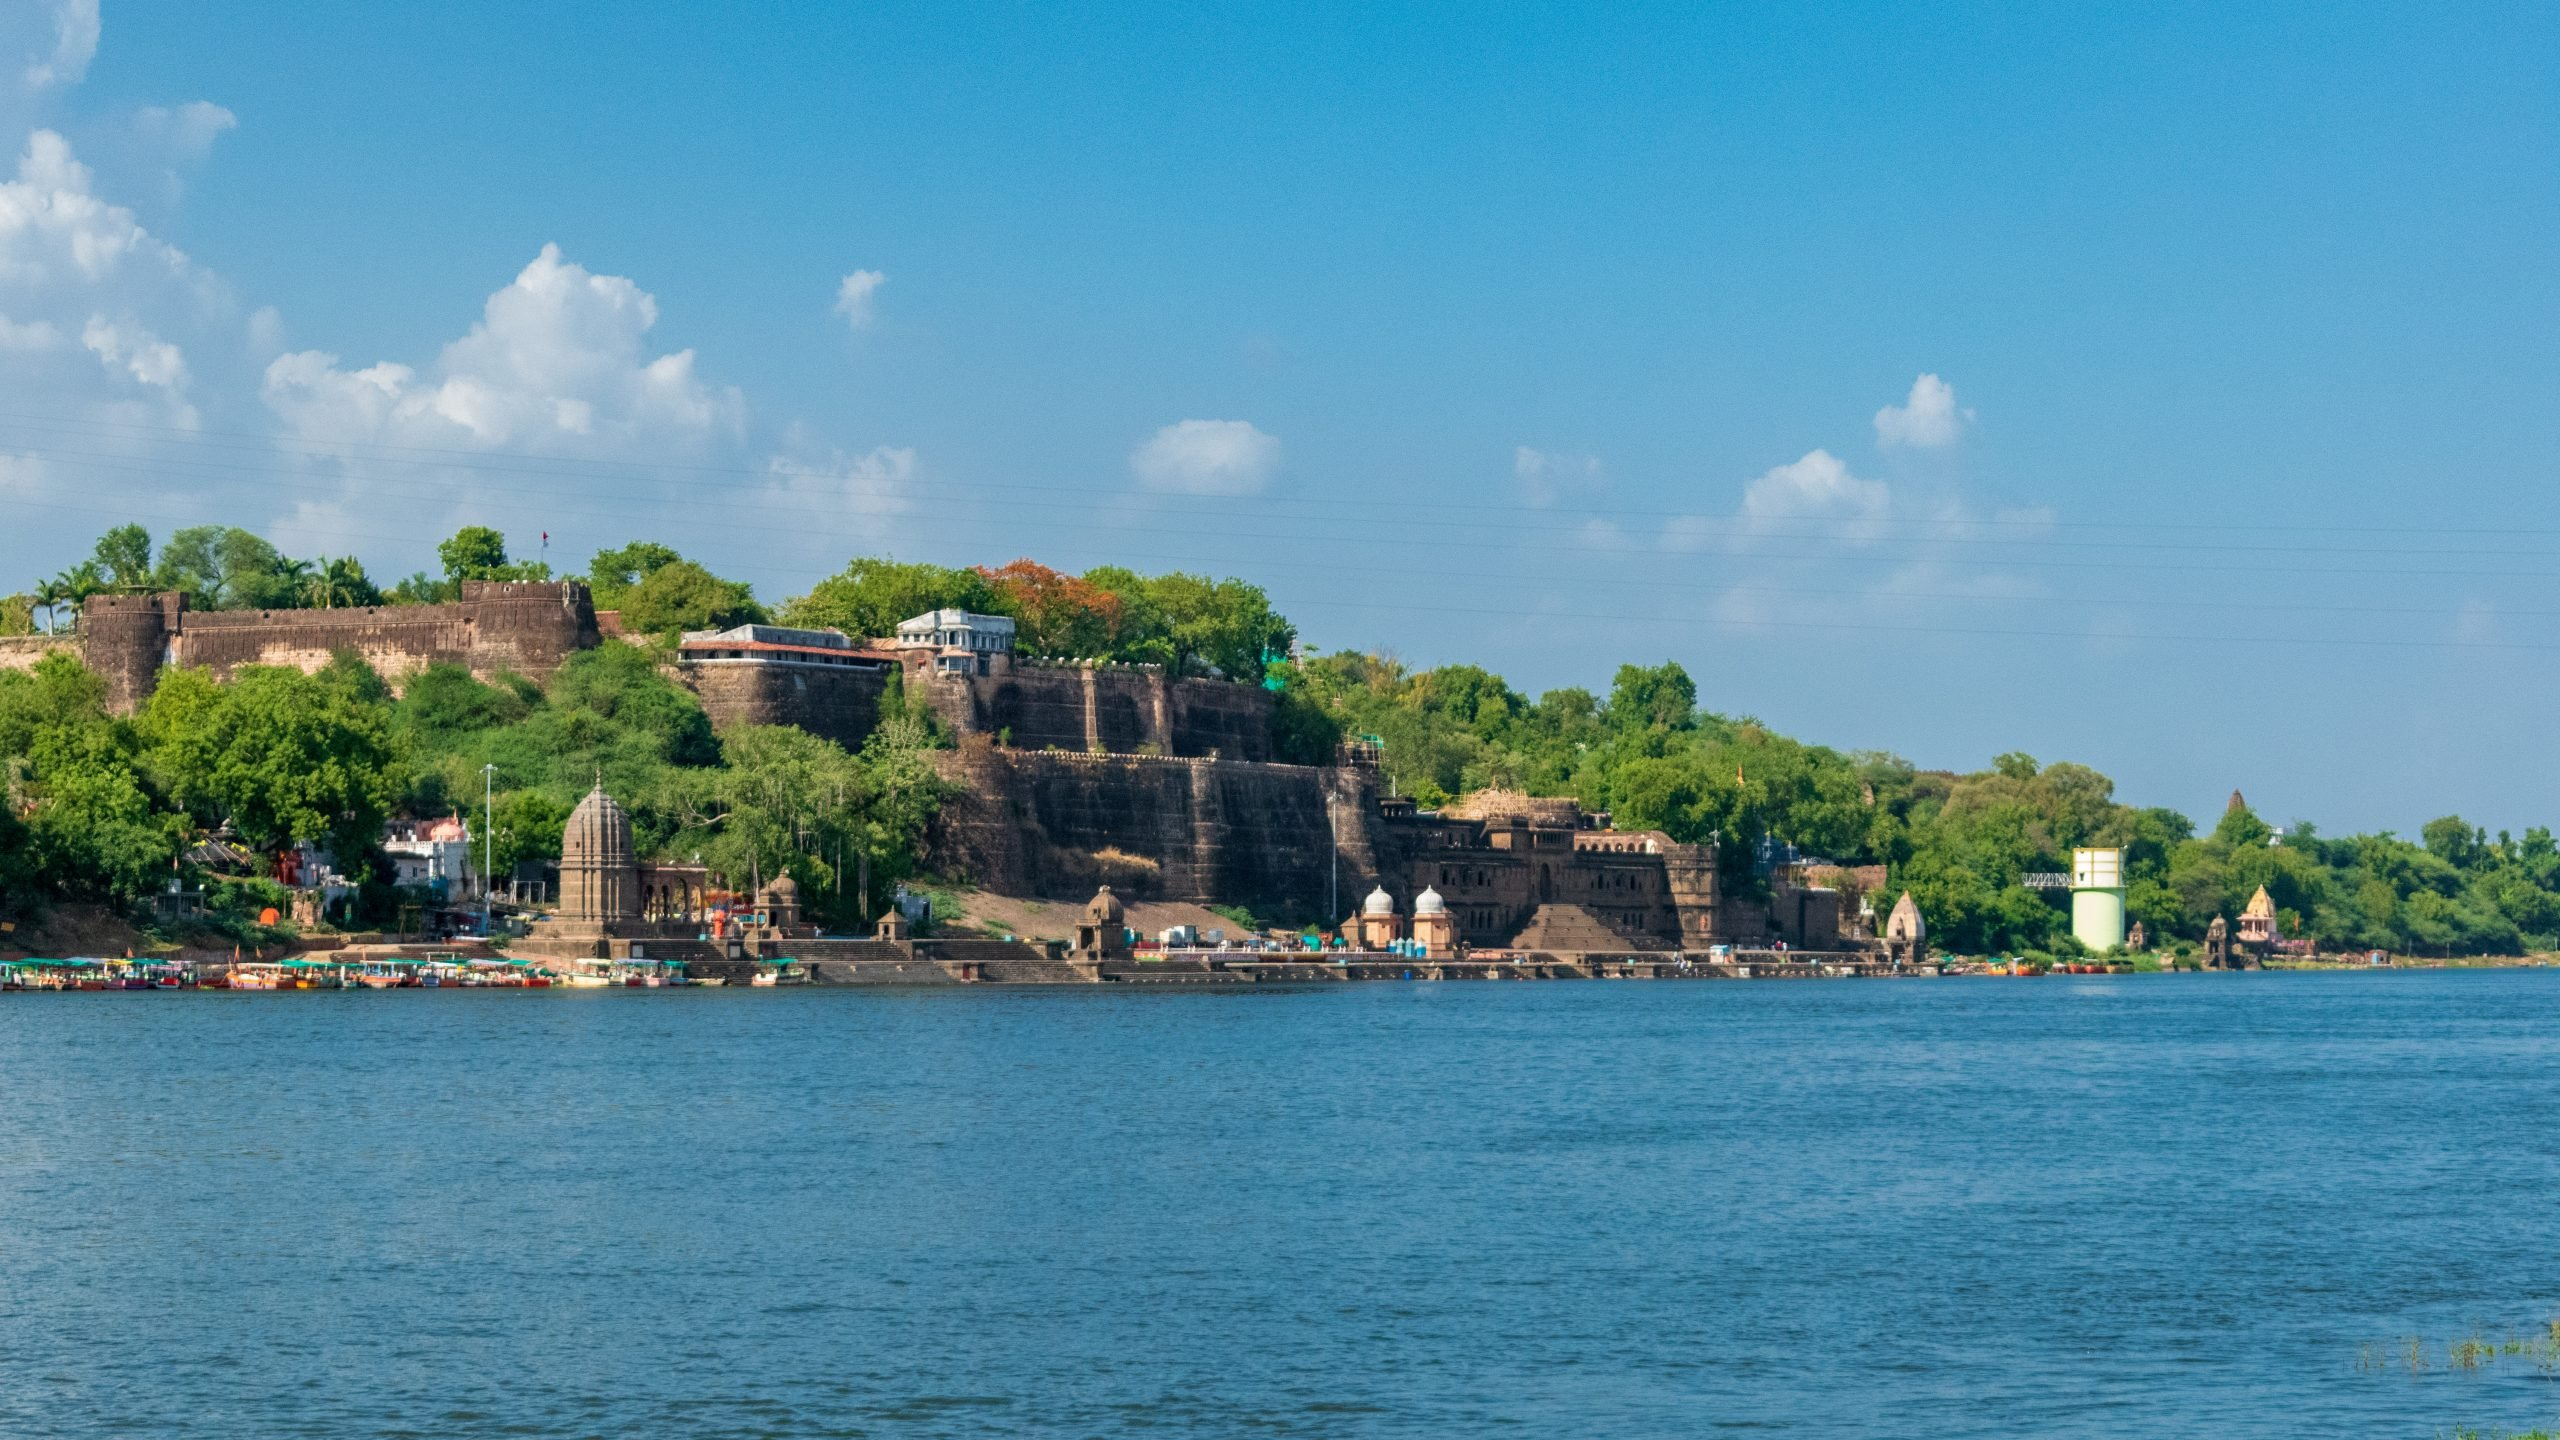 Fort in Maheshwar